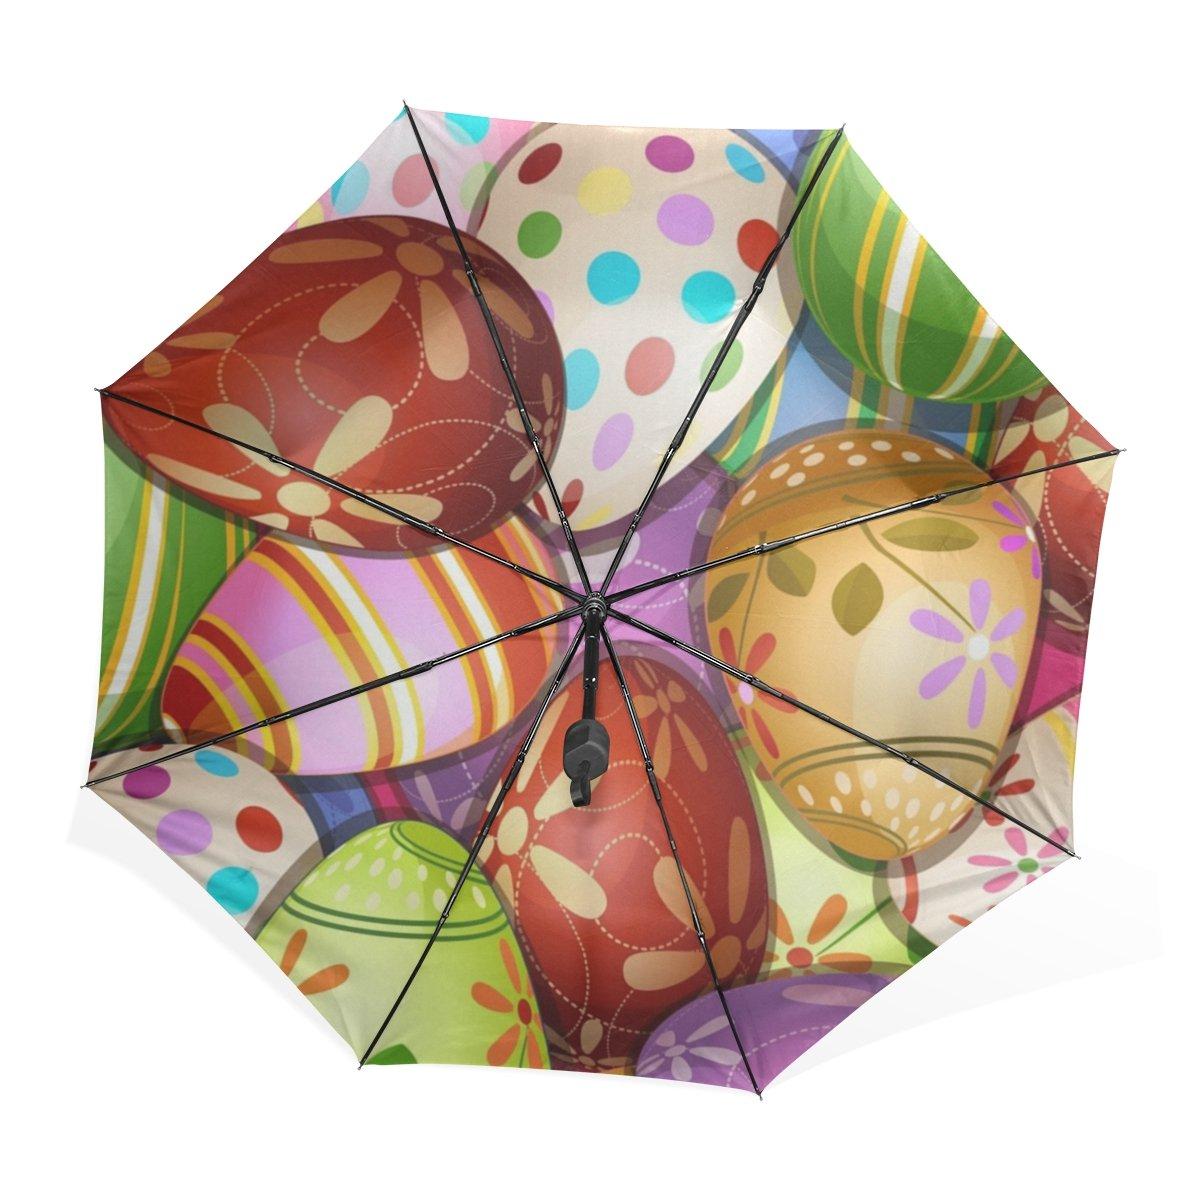 GUKENQ - Paraguas de Viaje, diseño de Huevos de Pascua, Ligero, antirayos UV, para Hombres, Mujeres y niños, Resistente al Viento, Plegable, Paraguas ...